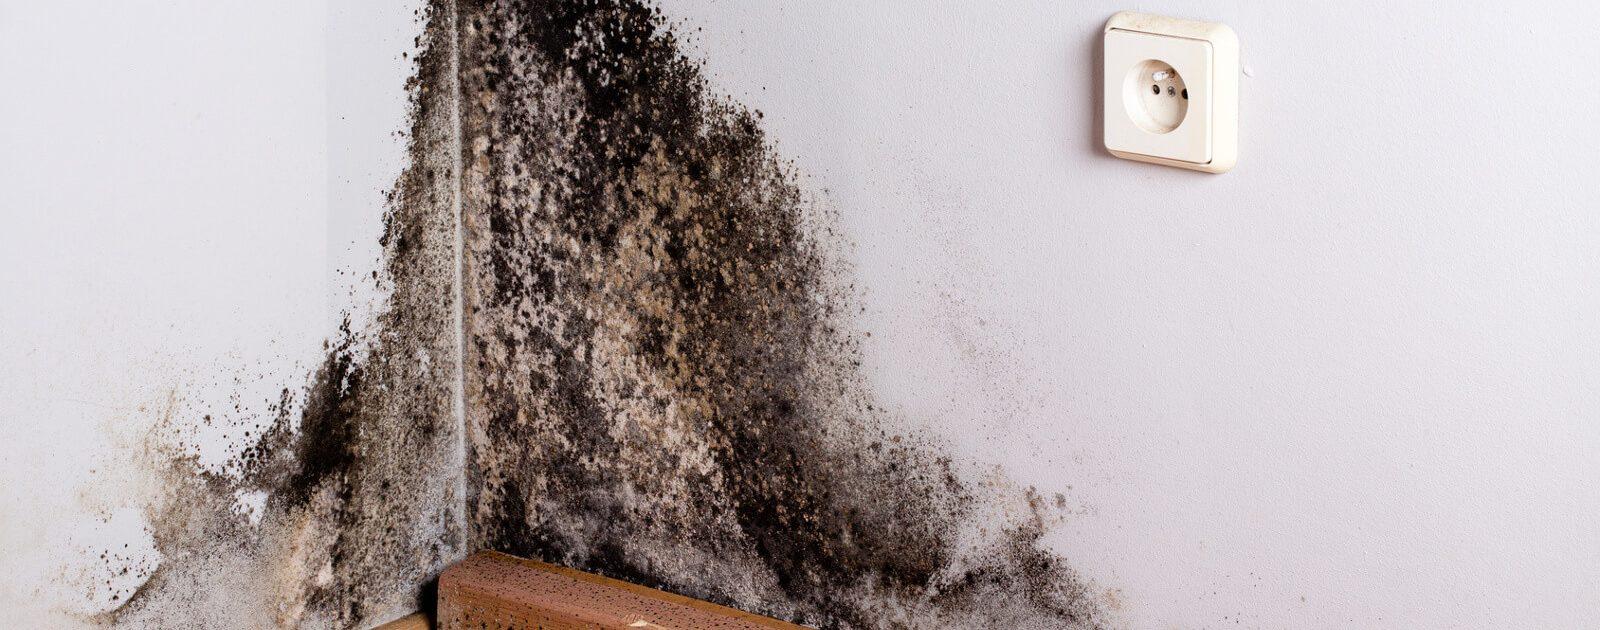 Schimmel an einer feuchten Wand kann bei einer Schimmelpilzallergie gesundheitliche Beschwerden zur Folge haben.